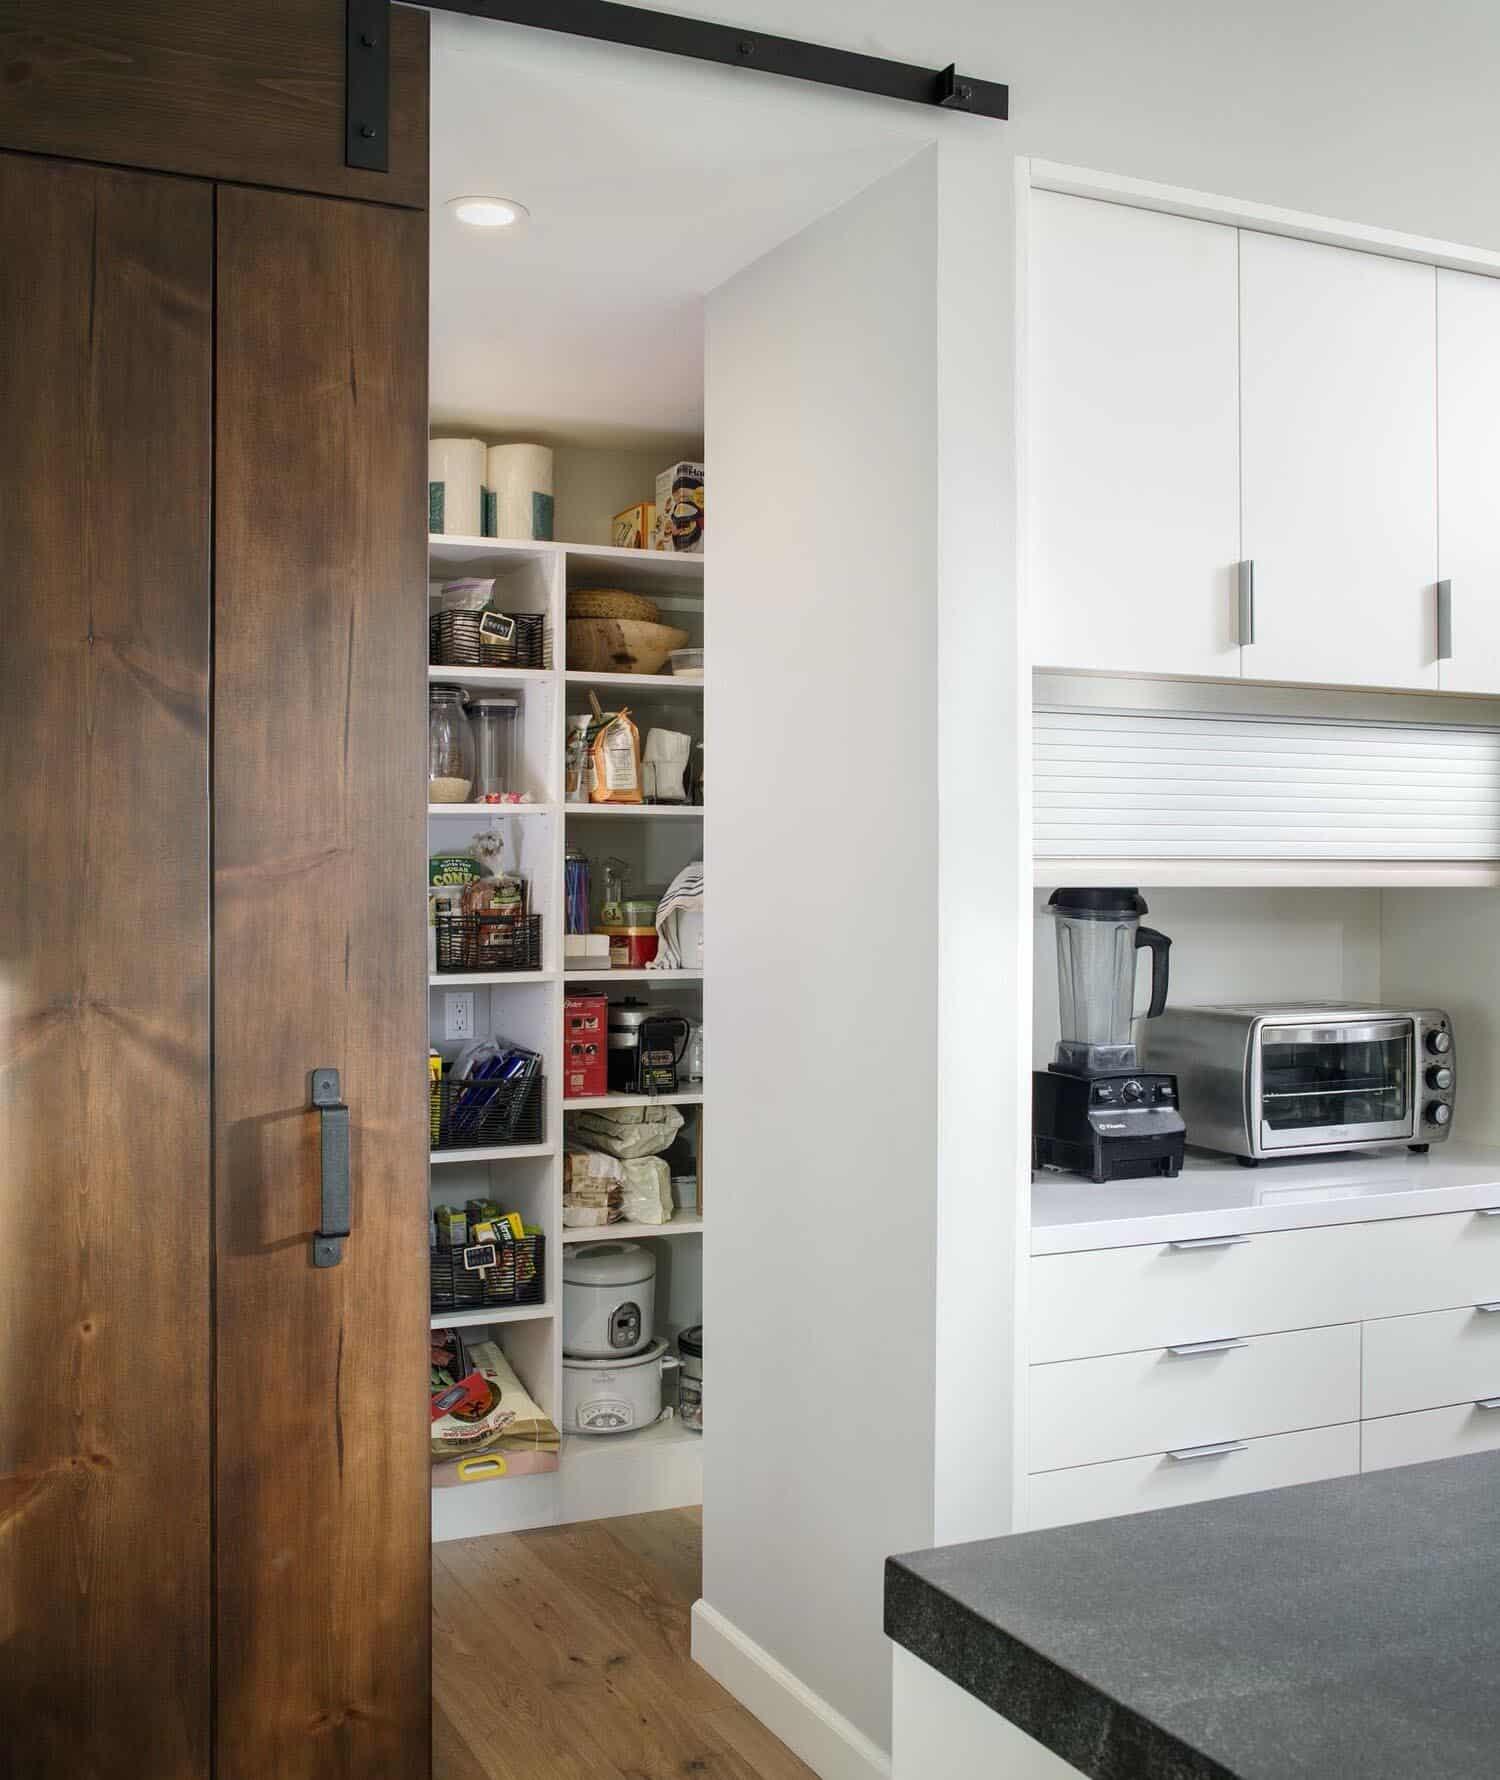 coastal-mid-century-kitchen-pantry